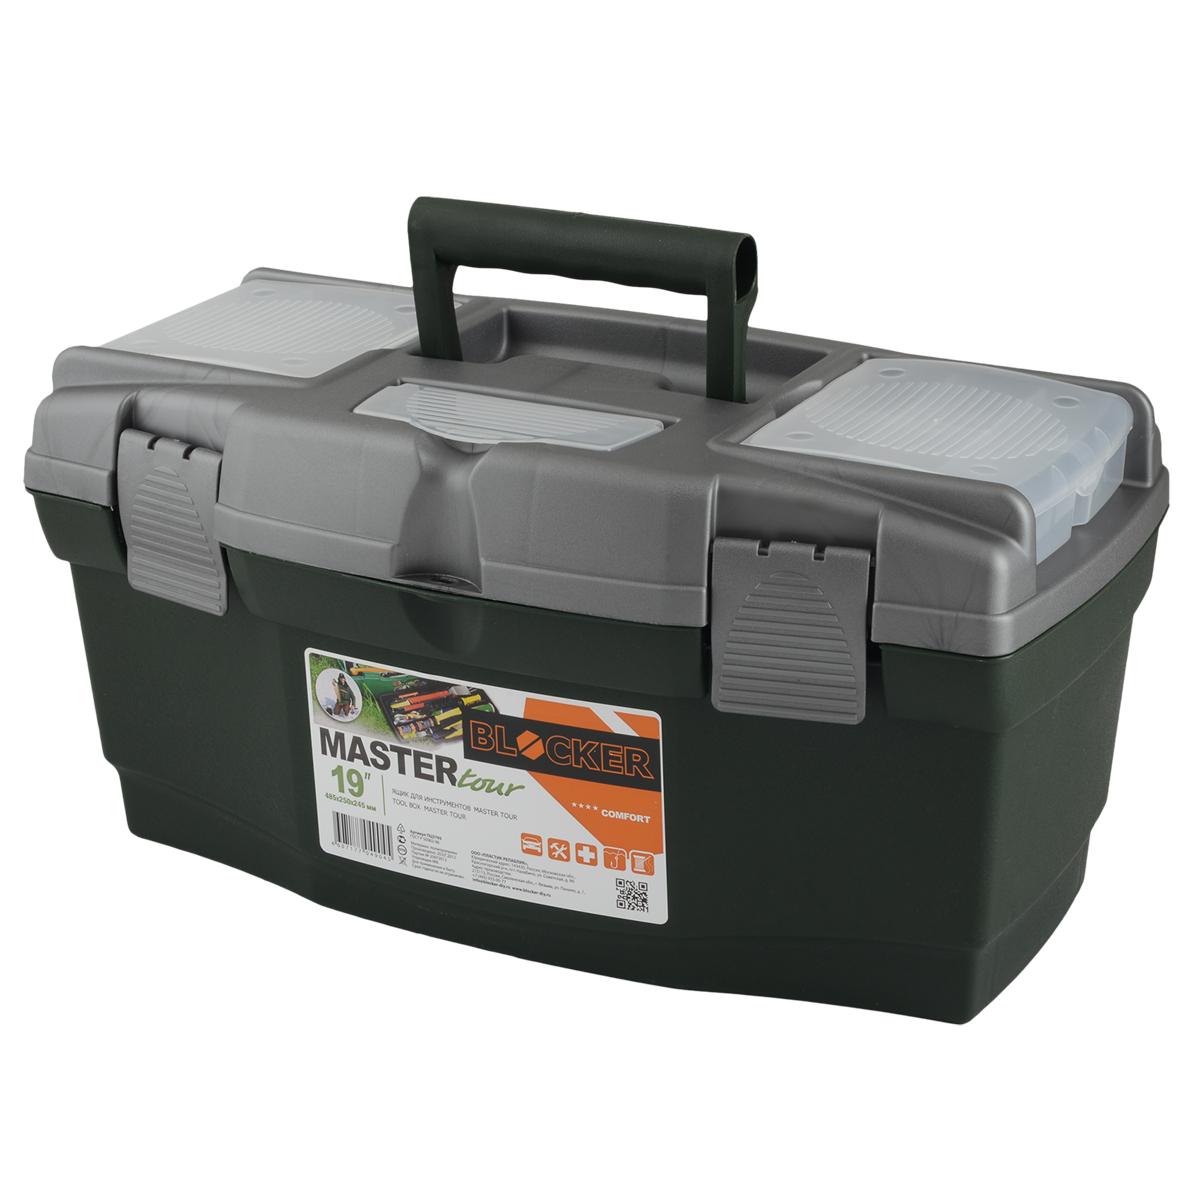 Ящик для инструментов Blocker Master Tour, цвет: темно-зеленый, 485 х 250 х 245 мм80625Многофункциональный ящик Blocker Master Tour отлично подходит для хранения небольших рыболовных и охотничьих принадлежностей, может быть использован для переноски мангала, посуды и многих вещей, которые могут понадобиться на отдыхе или в путешествии. Ящик имеет надежные замки и встроенные органайзеры в крышке для размещения мелких деталей.